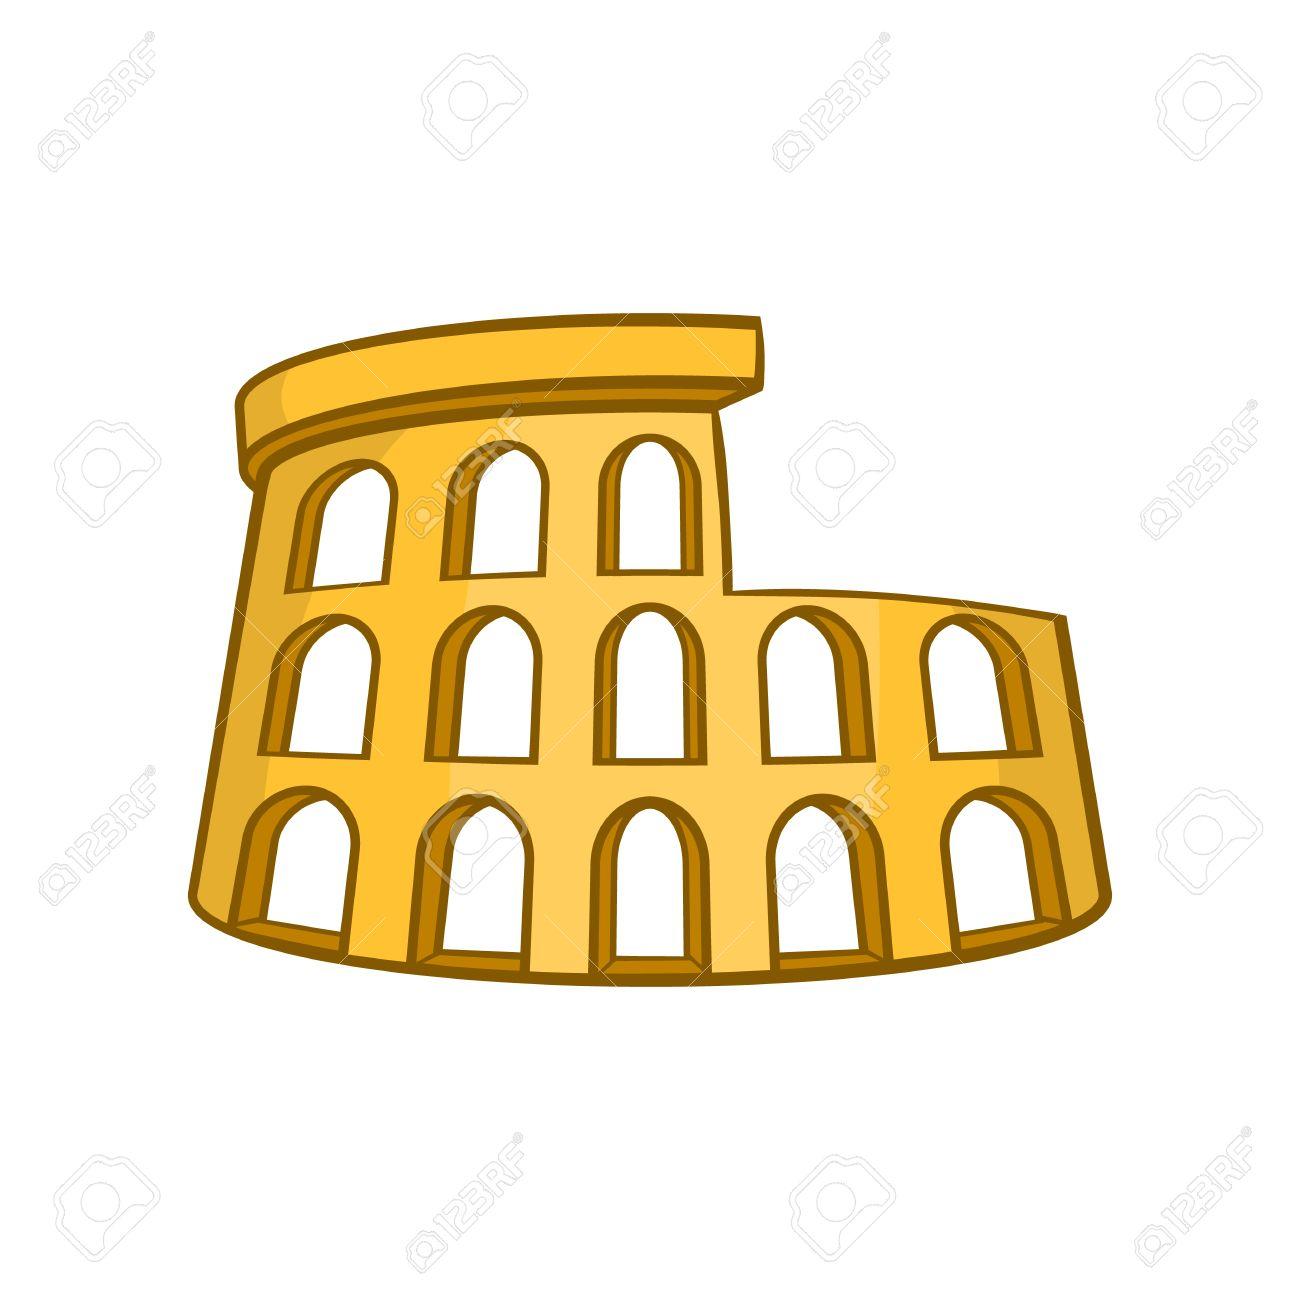 Icono Coliseo Romano En Estilo De Dibujos Animados Aislado En El